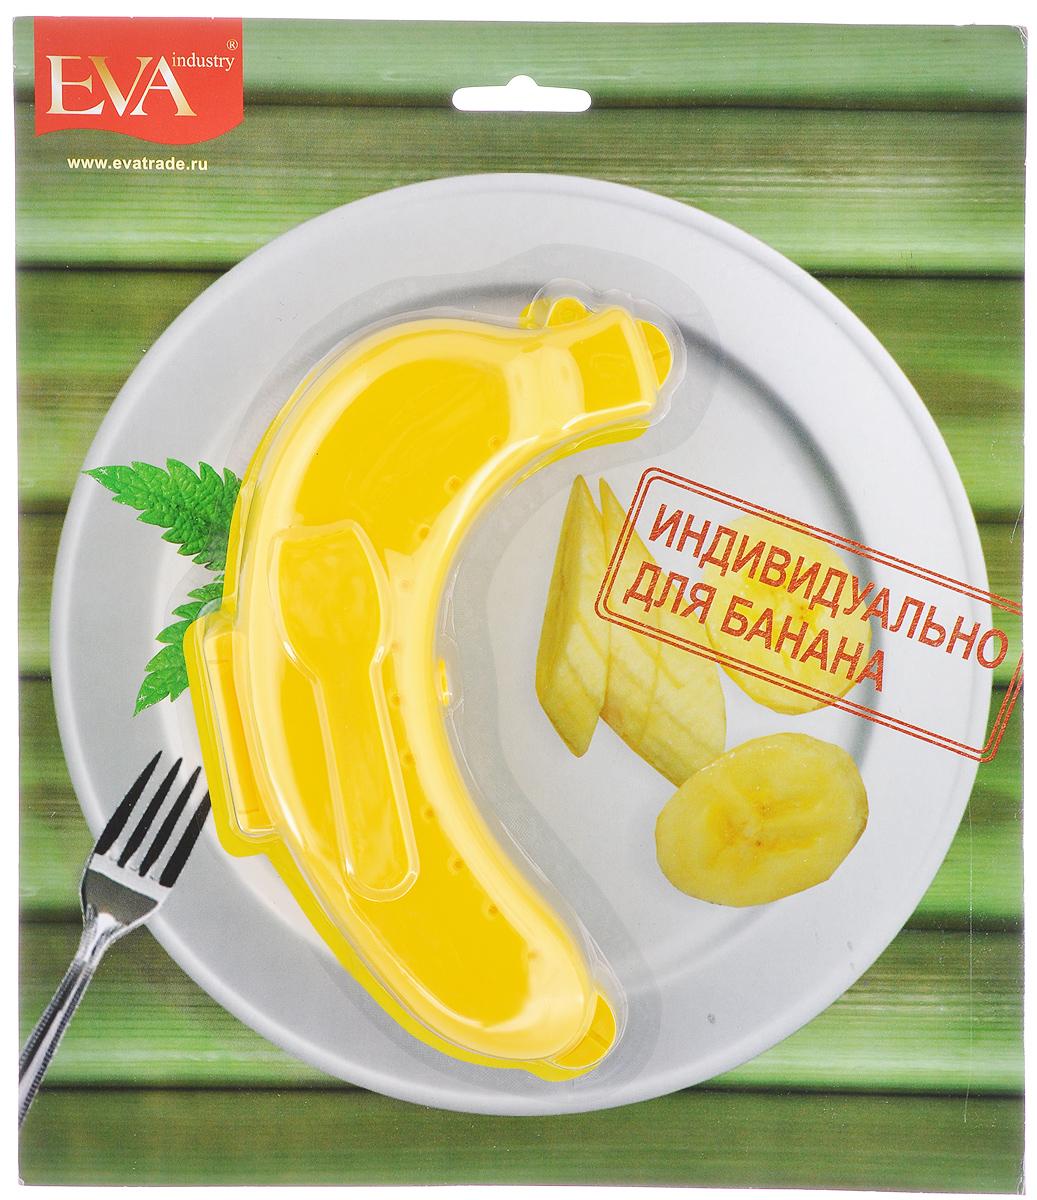 Контейнер для банана Eva, цвет: желтыйЕС-011_желтыйКонтейнер для банана Eva, изготовленный из прочного пластика, уникальное полезное приобретение для тех, кто перекусывает на бегу, а также для мам, которые собирают своим детям обеды в школу. Такой чехол прекрасно подойдет для переноса фрукта в сумке, предотвращает его деформацию, сохраняя его вкусовые качества.